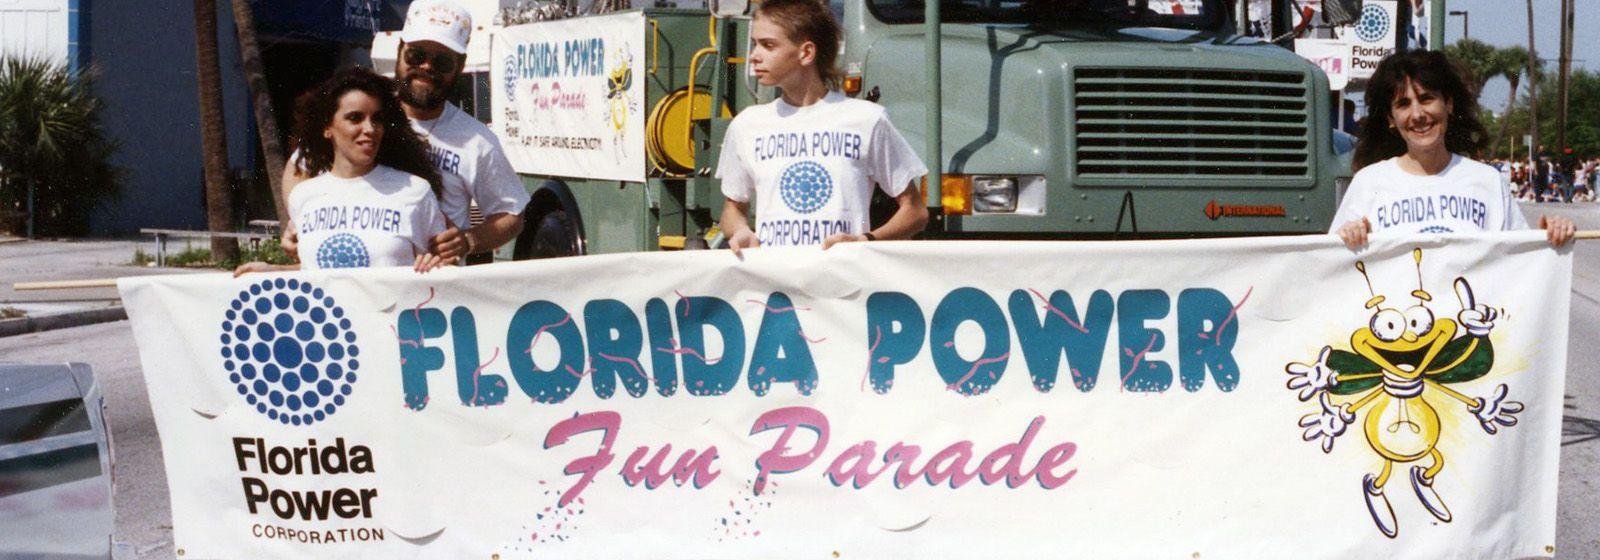 Retro photos: It's the Florida Fun Parade!